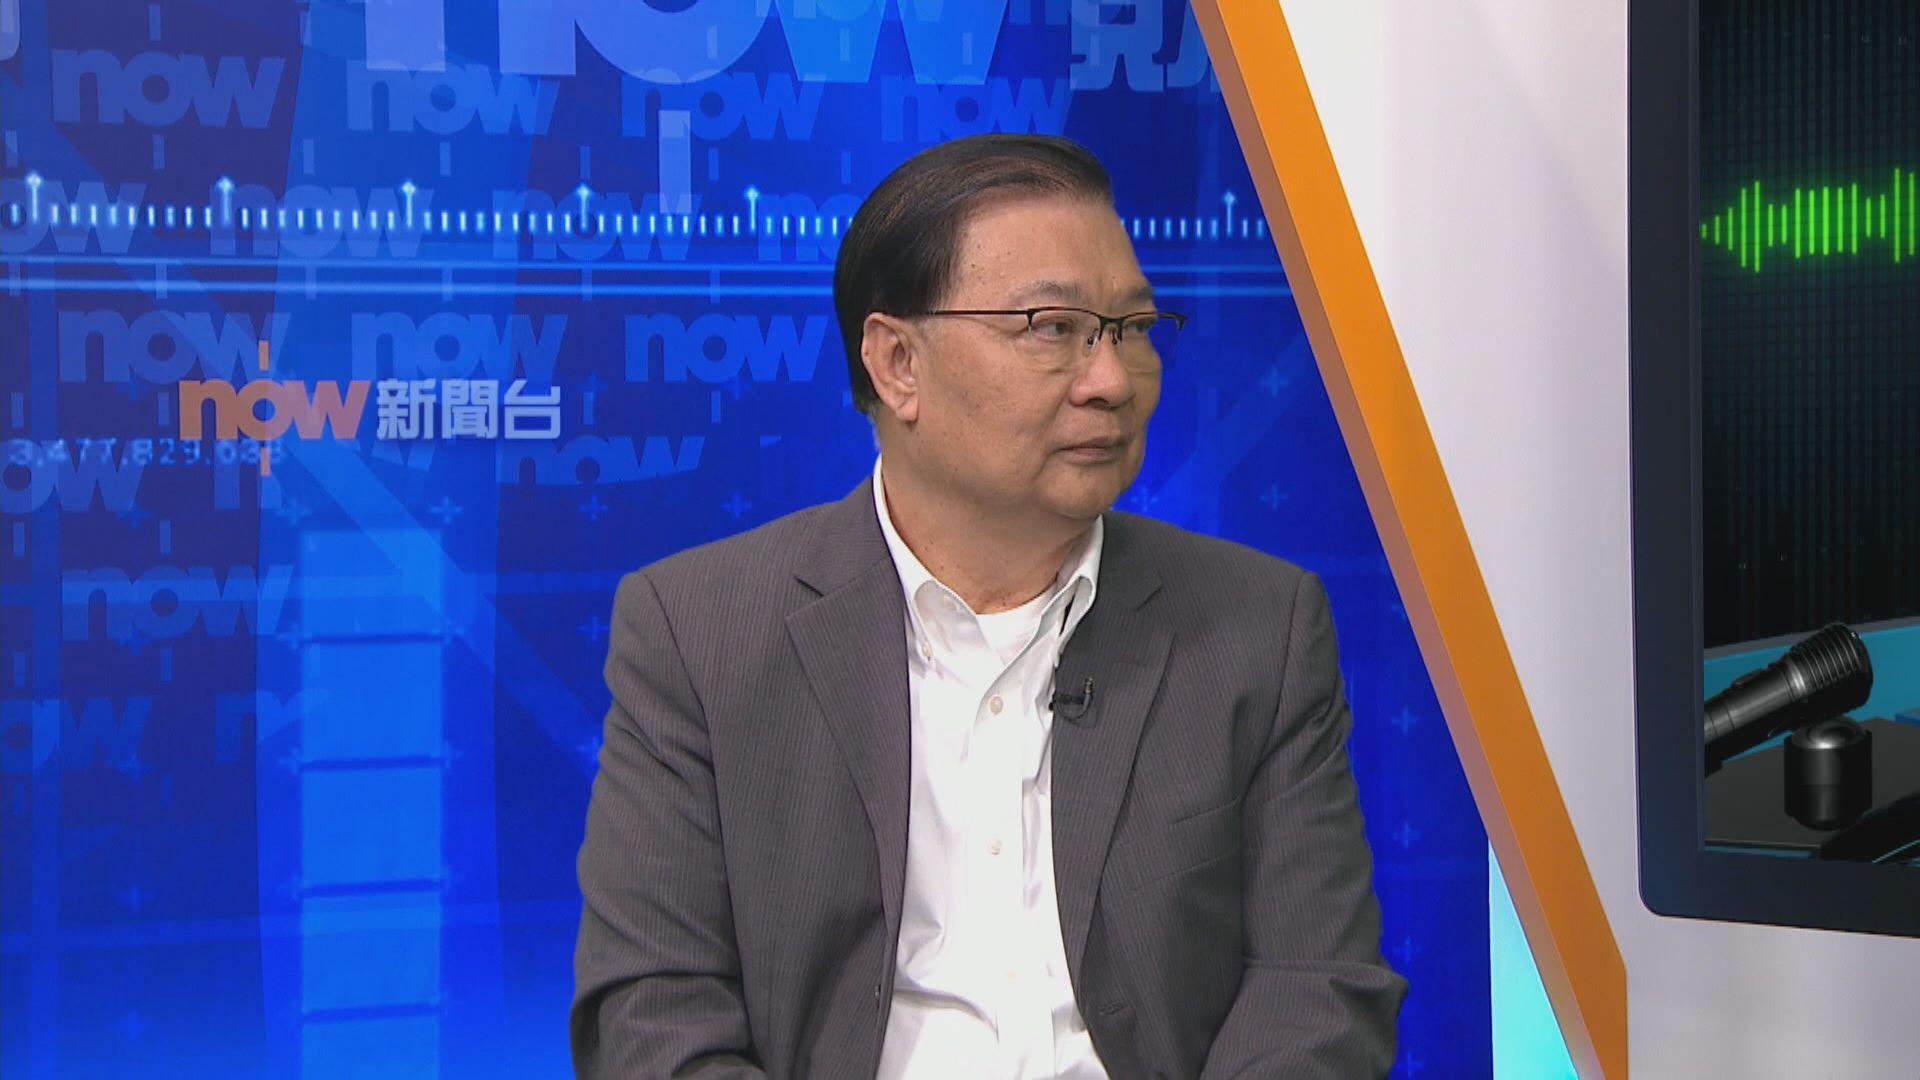 譚耀宗:中央希望盡早完成港區國安法但無定下日子